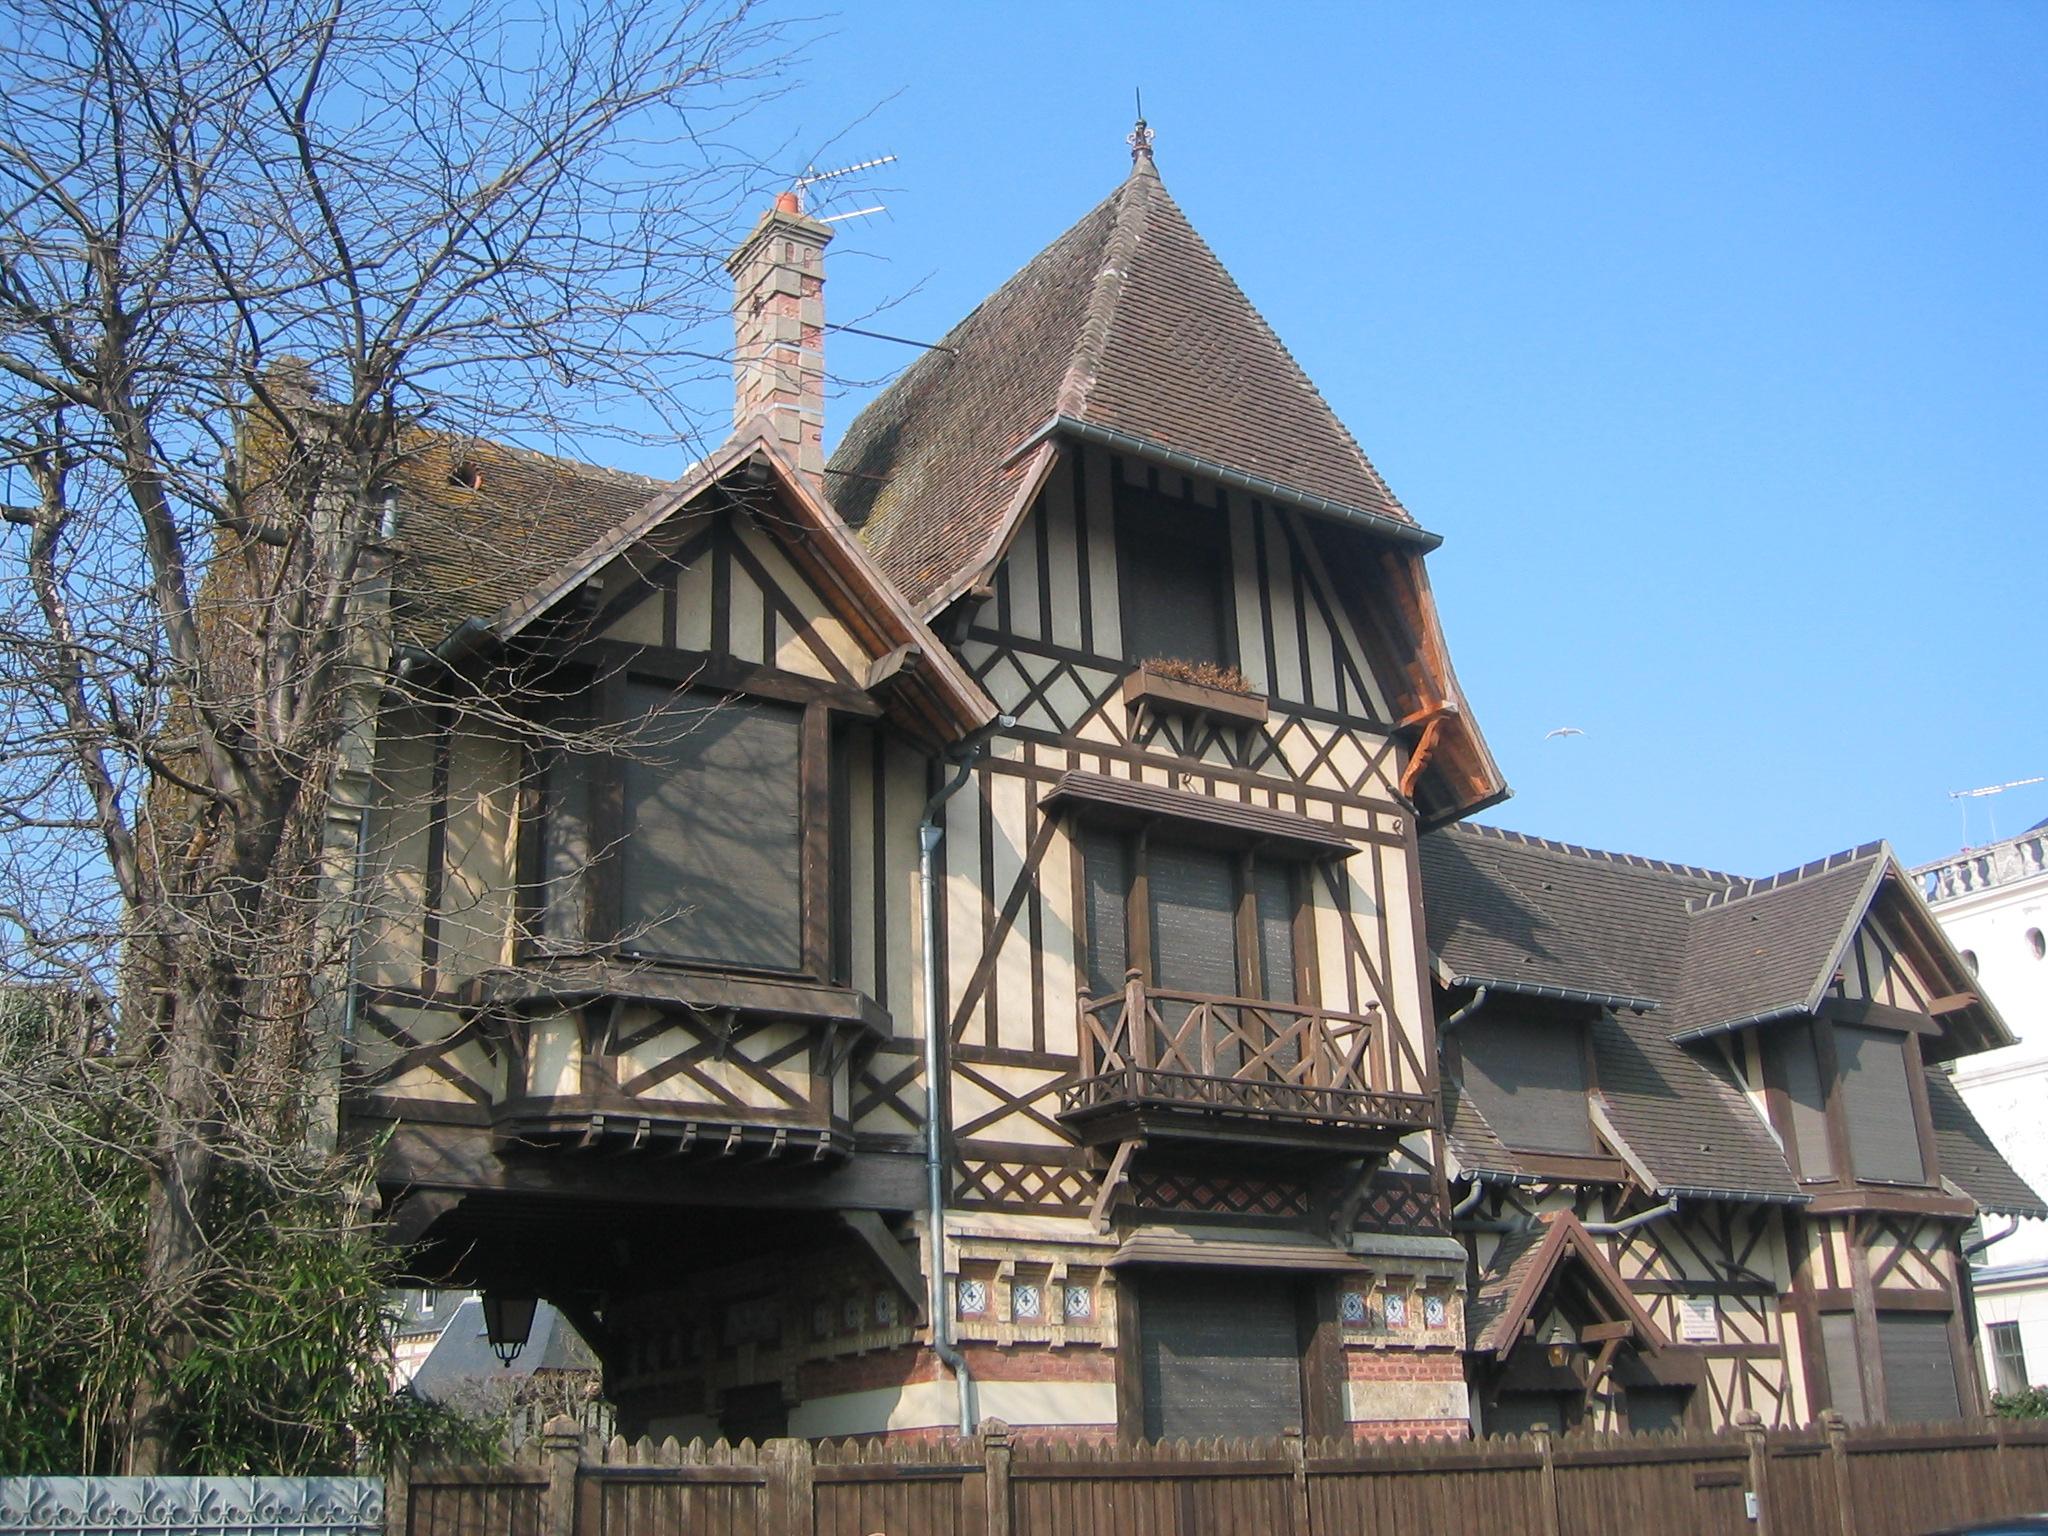 File:DeauvilleBoudin.jpg - Wikimedia Commons